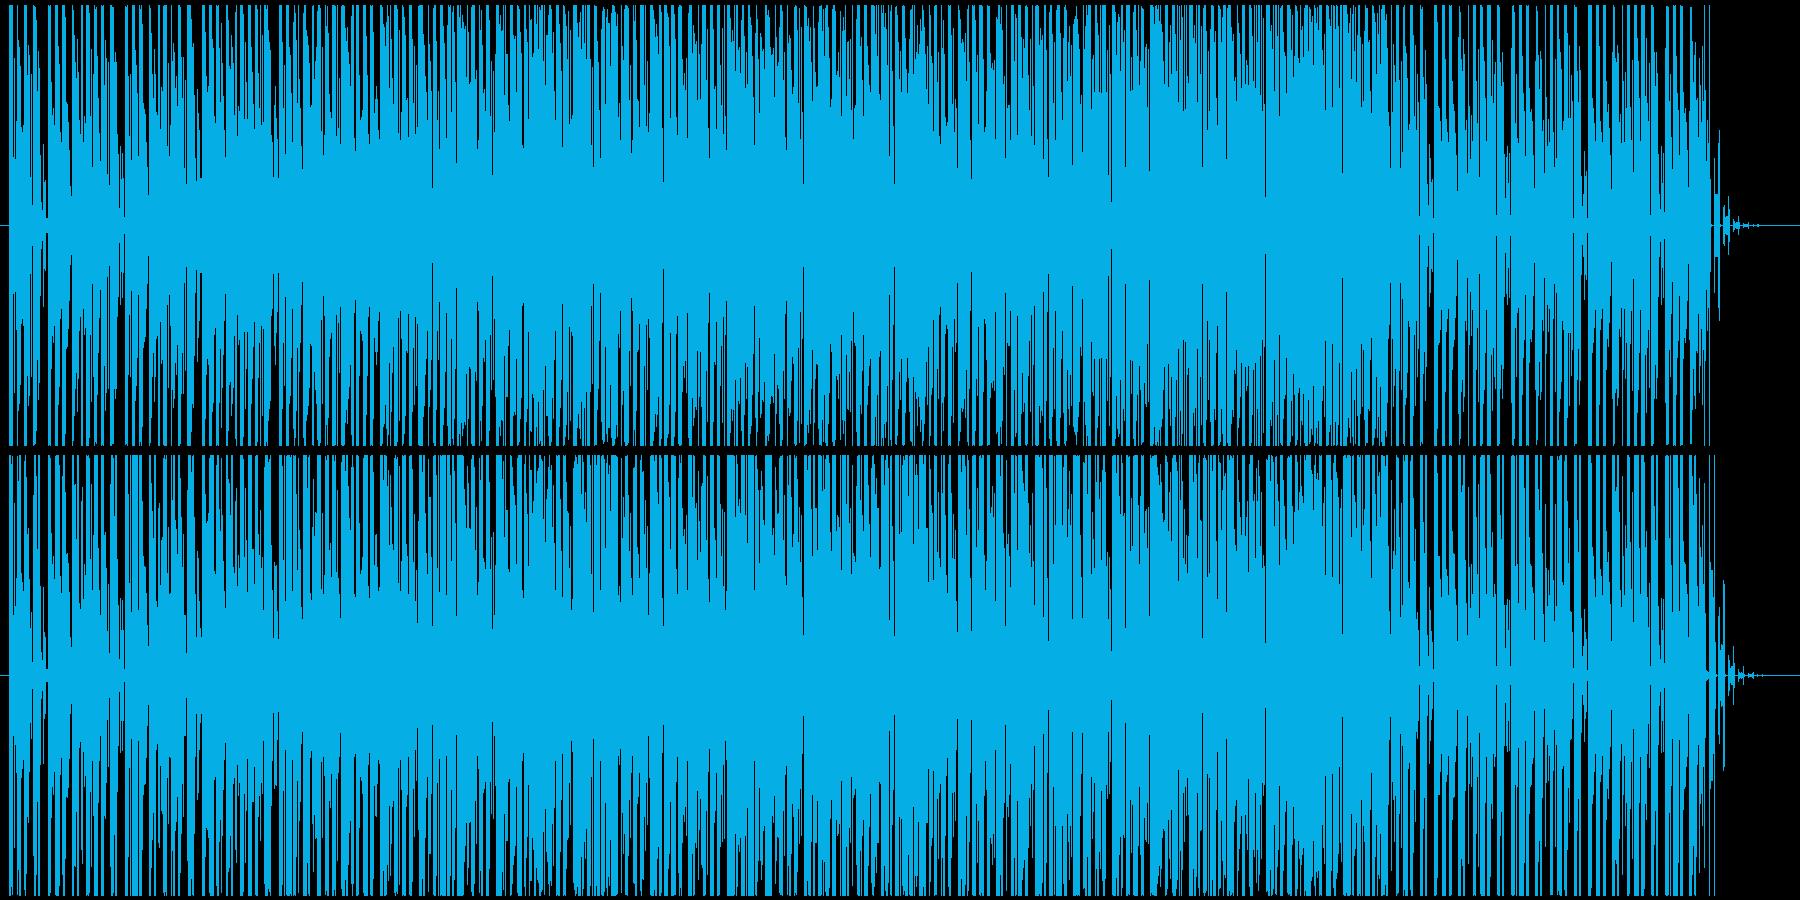 入場などに適したポップなエレクトロニカの再生済みの波形